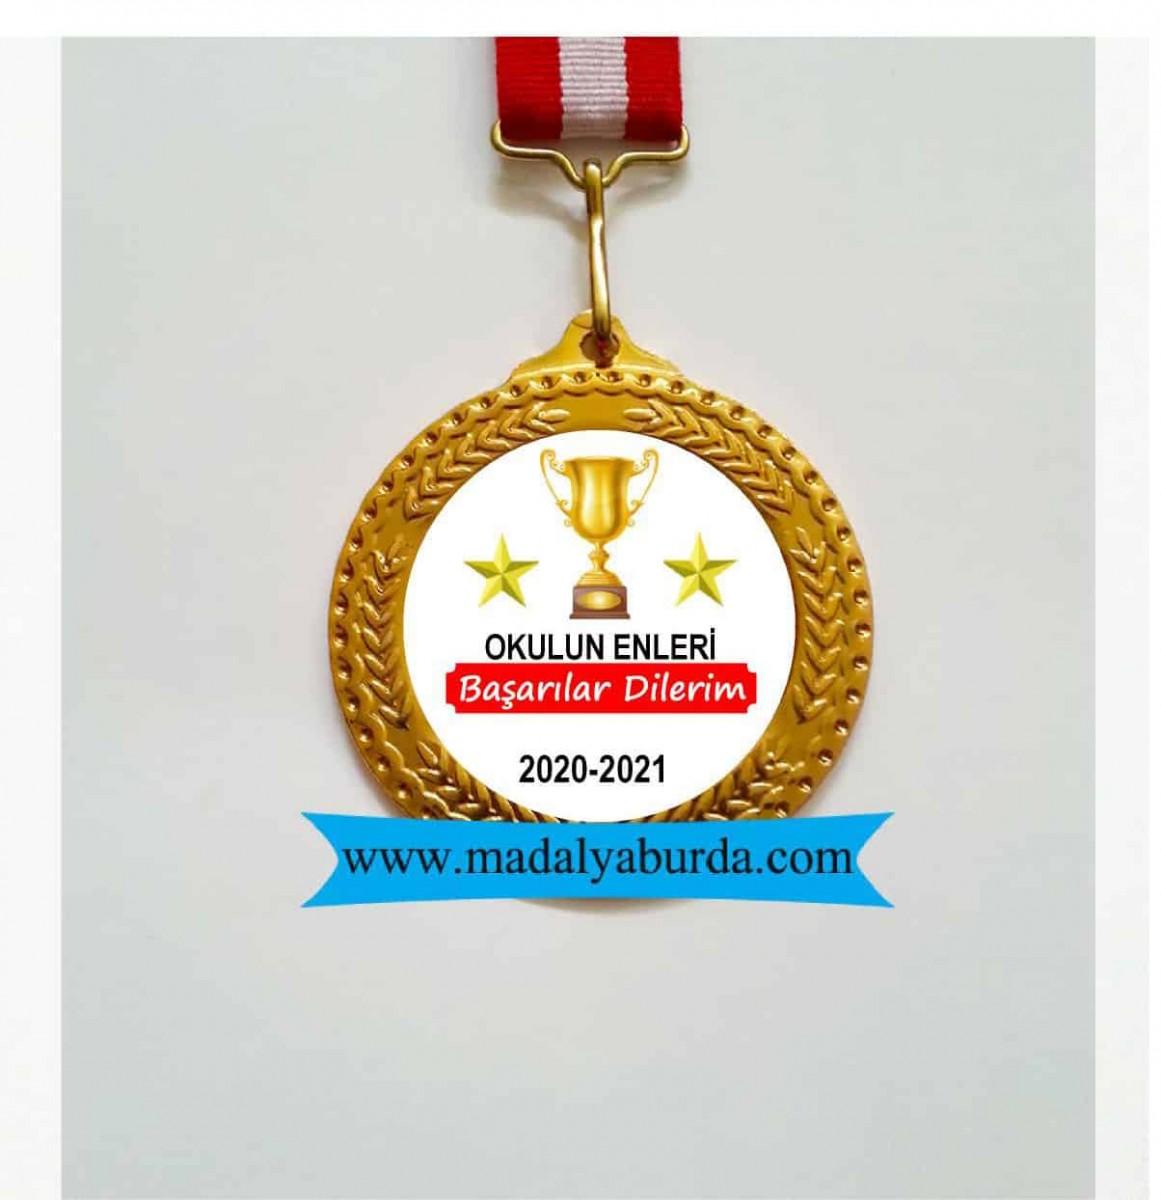 Okulun Enleri Ödülü